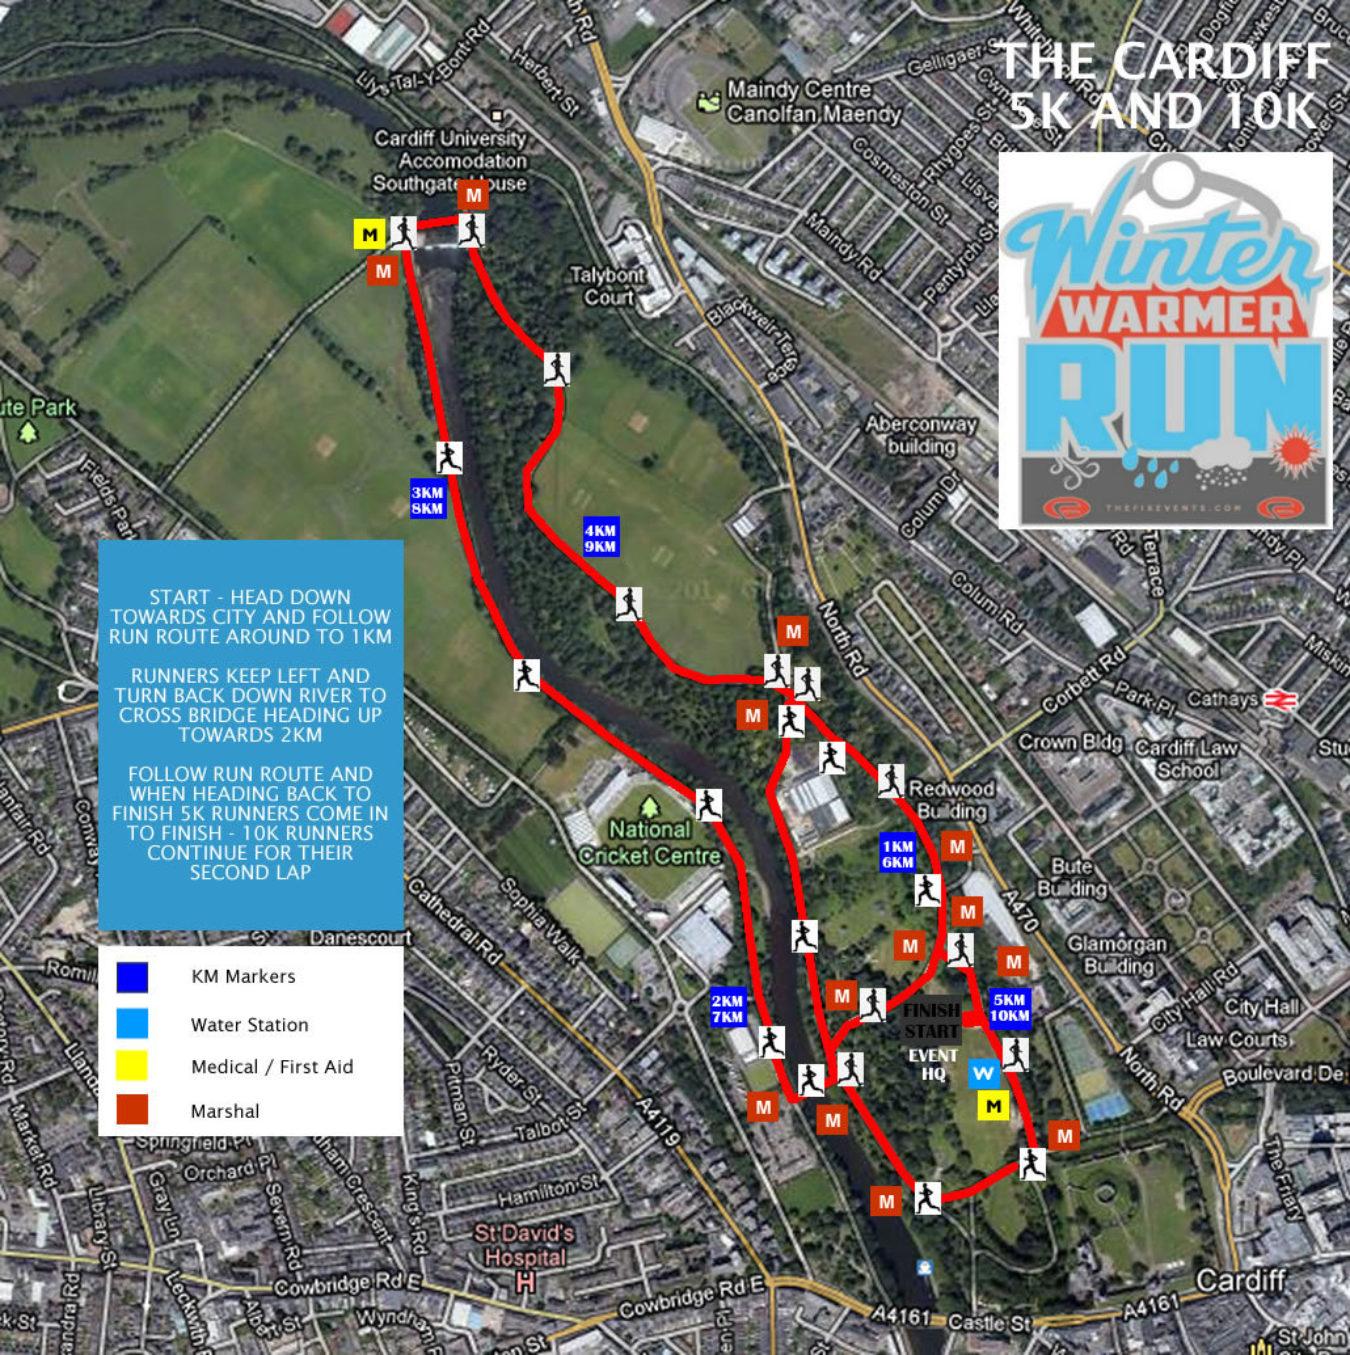 Cardiff Wwrun2019 5K New